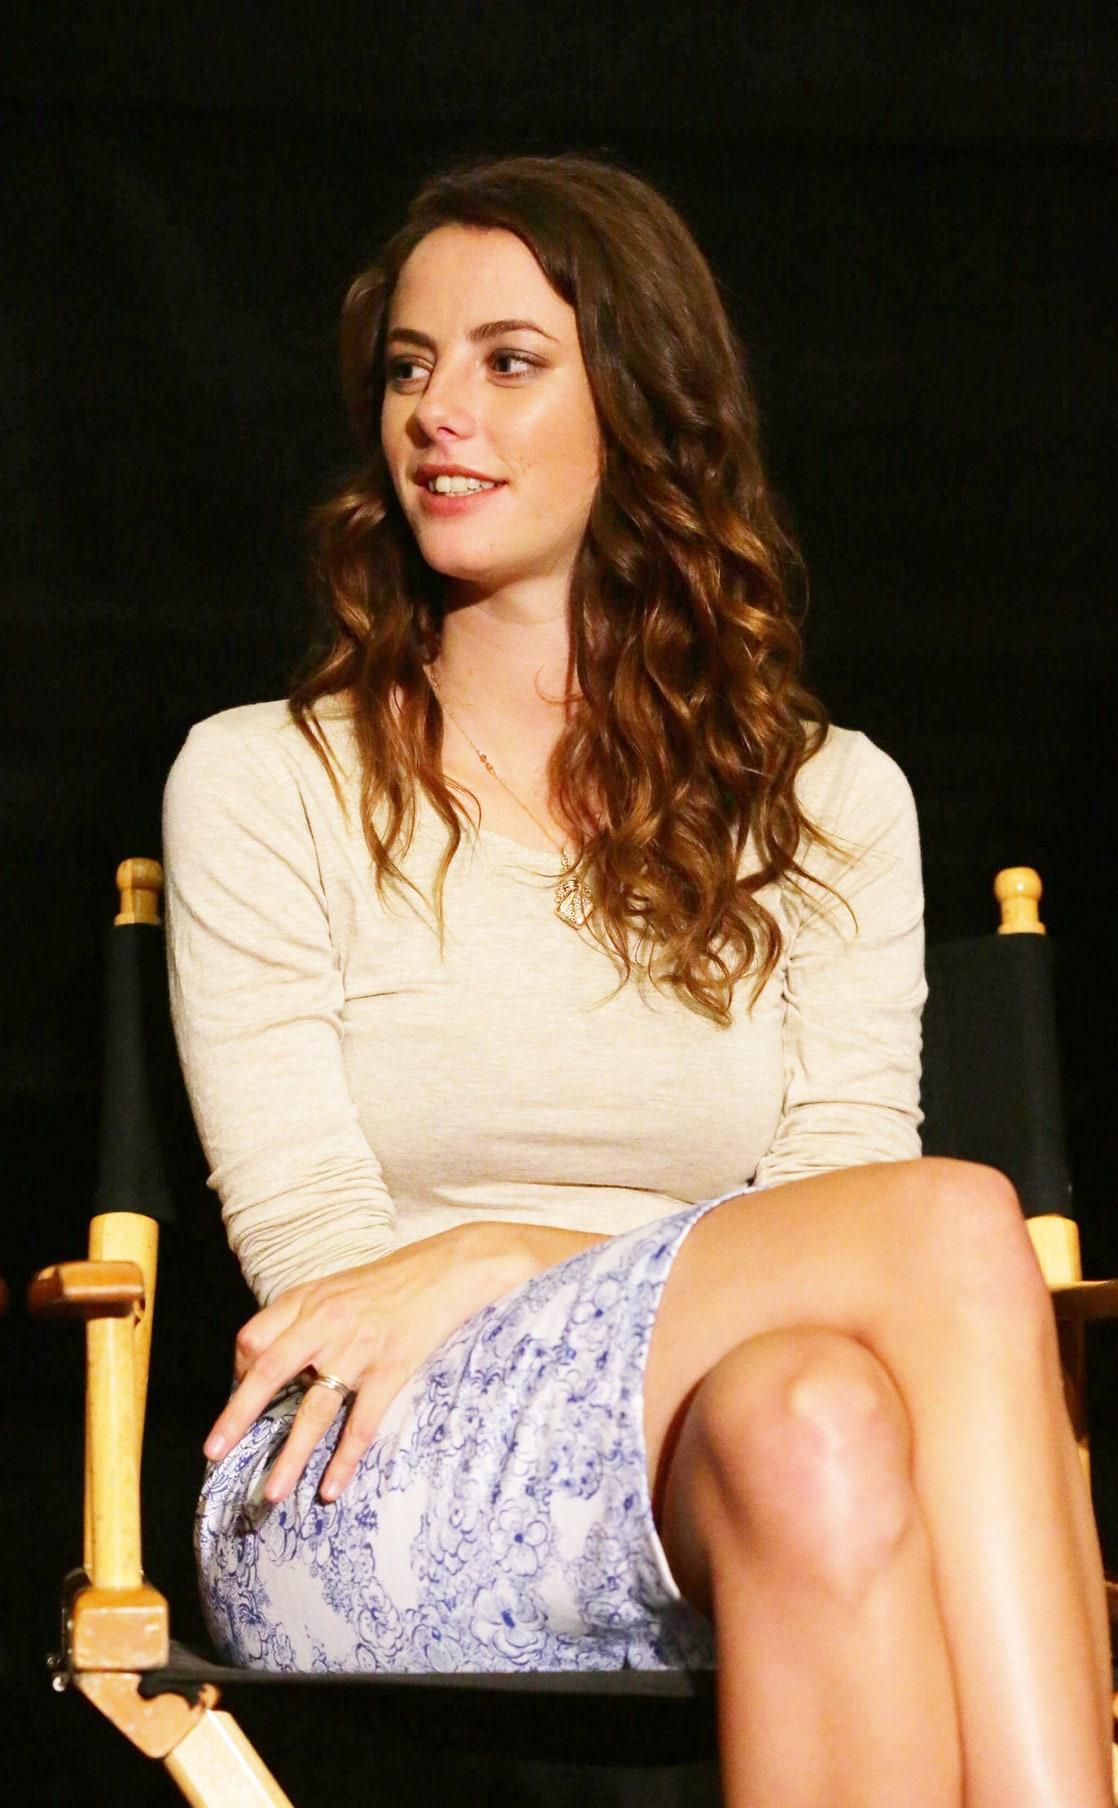 Picture of Kaya Scodelario